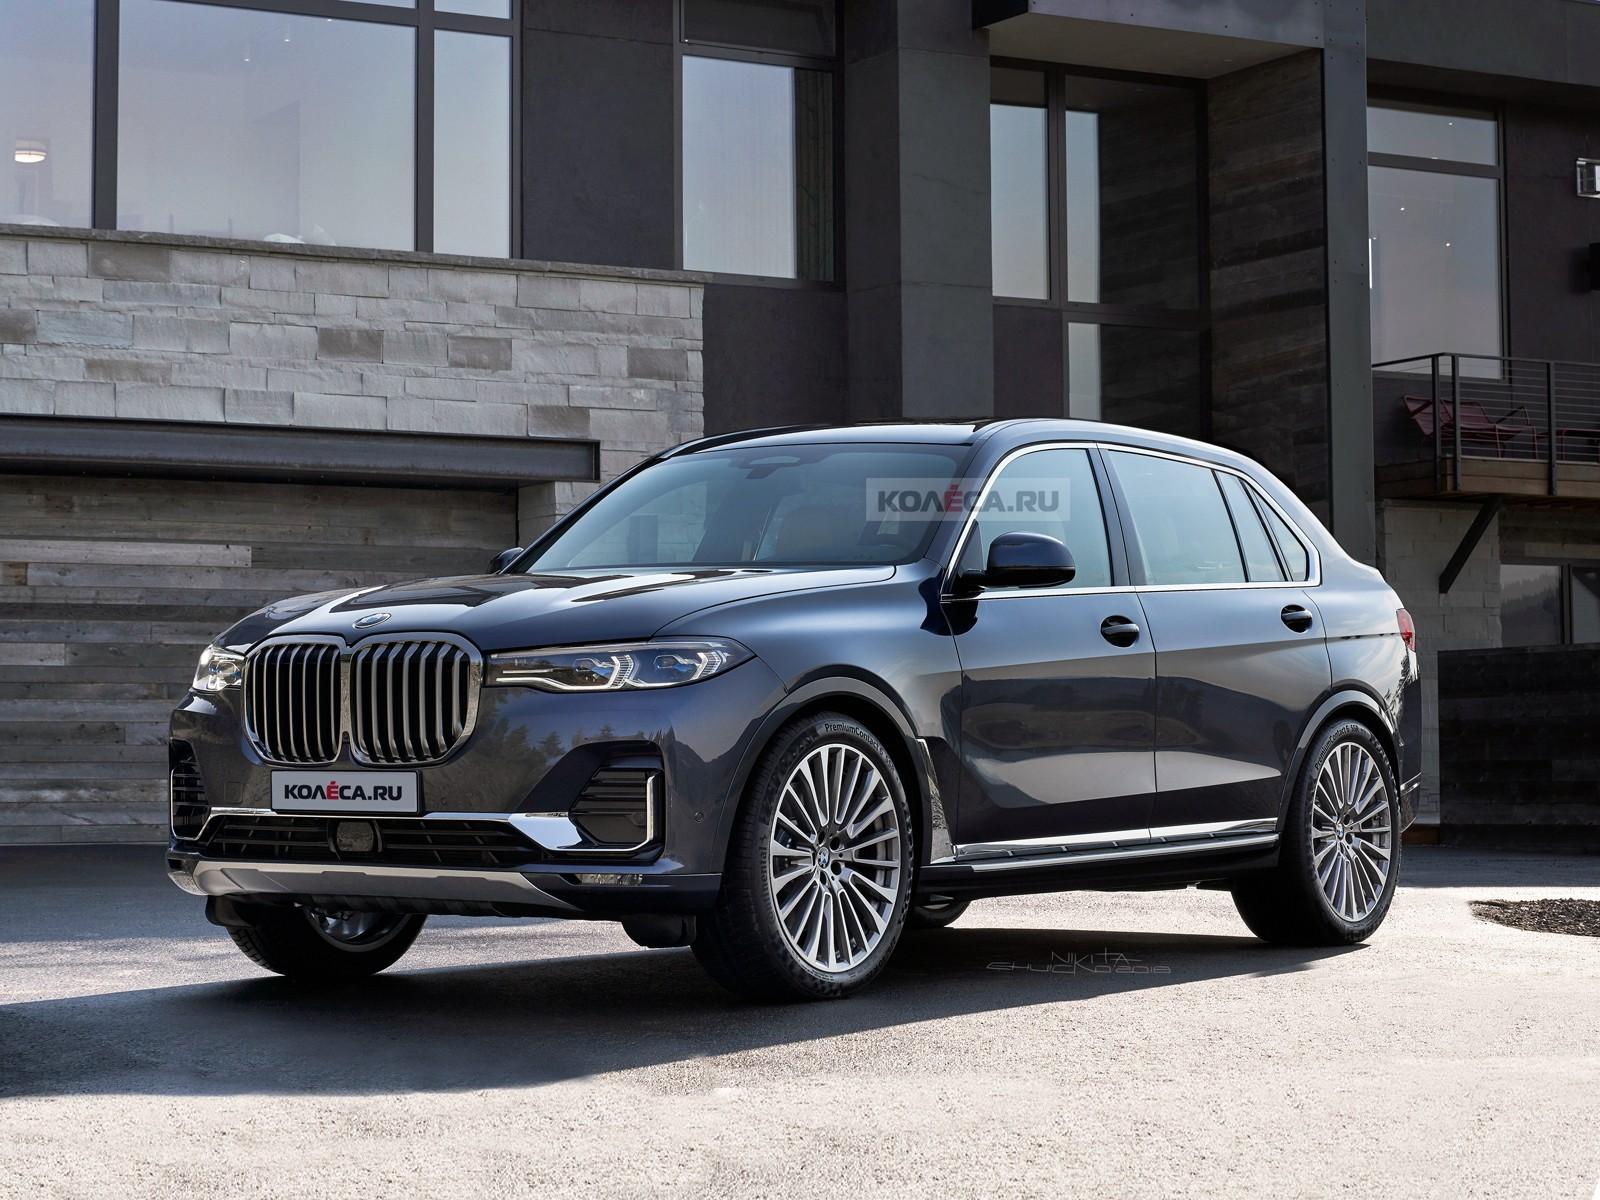 b4508574b0e5b Новый BMW X8 G09: первые изображения - КОЛЕСА.ру – автомобильный журнал